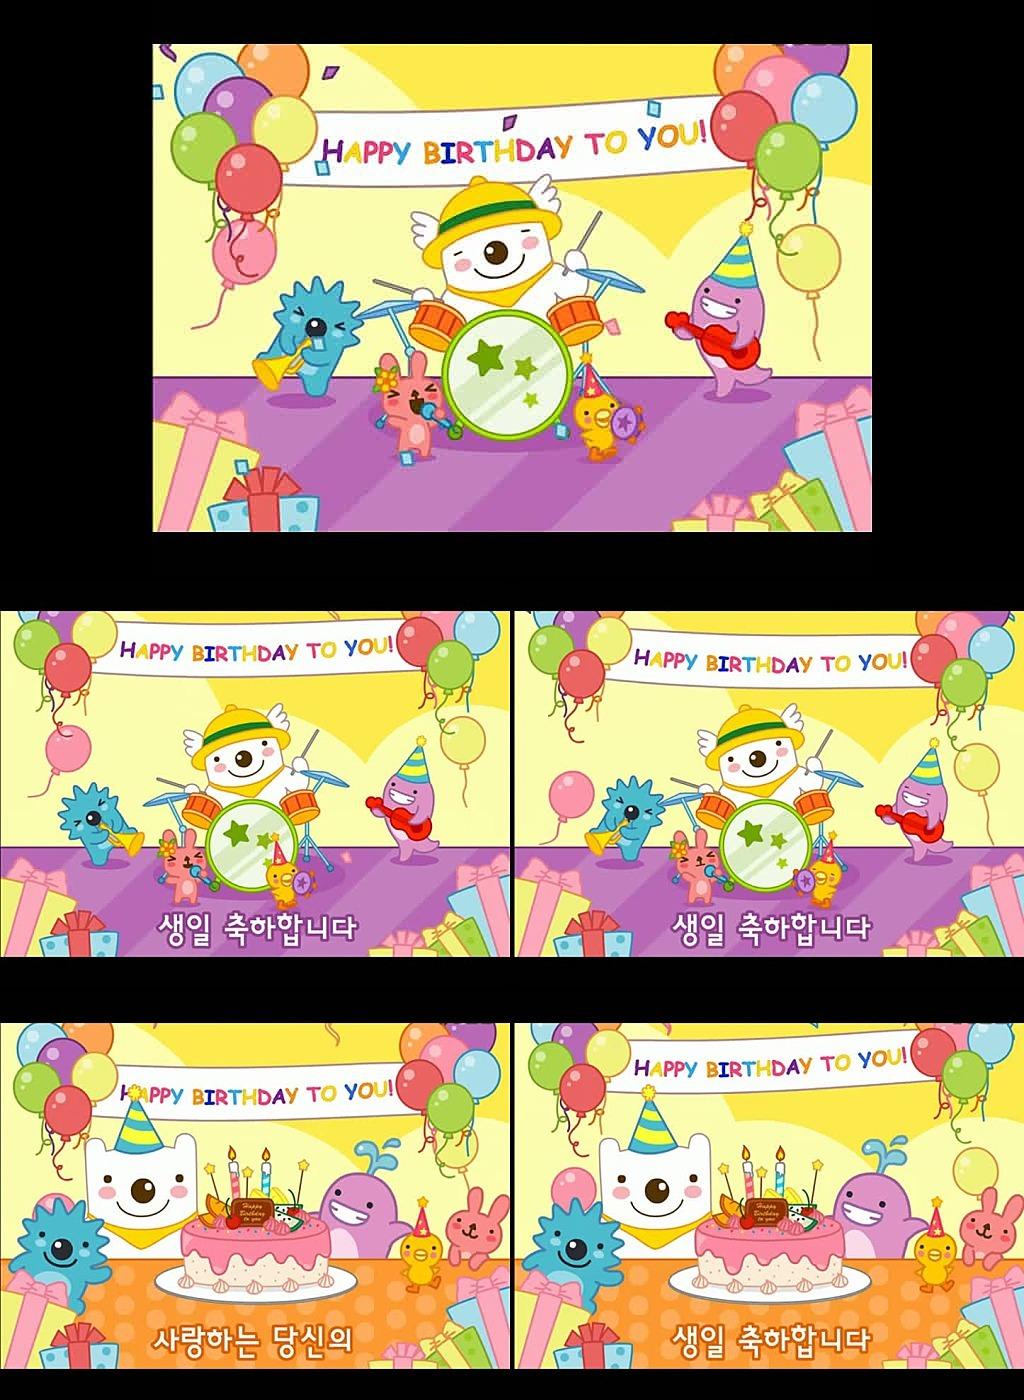 卡通动物视频 卡通生日背景视频 生日视频生日祝福视频 韩语生日儿歌